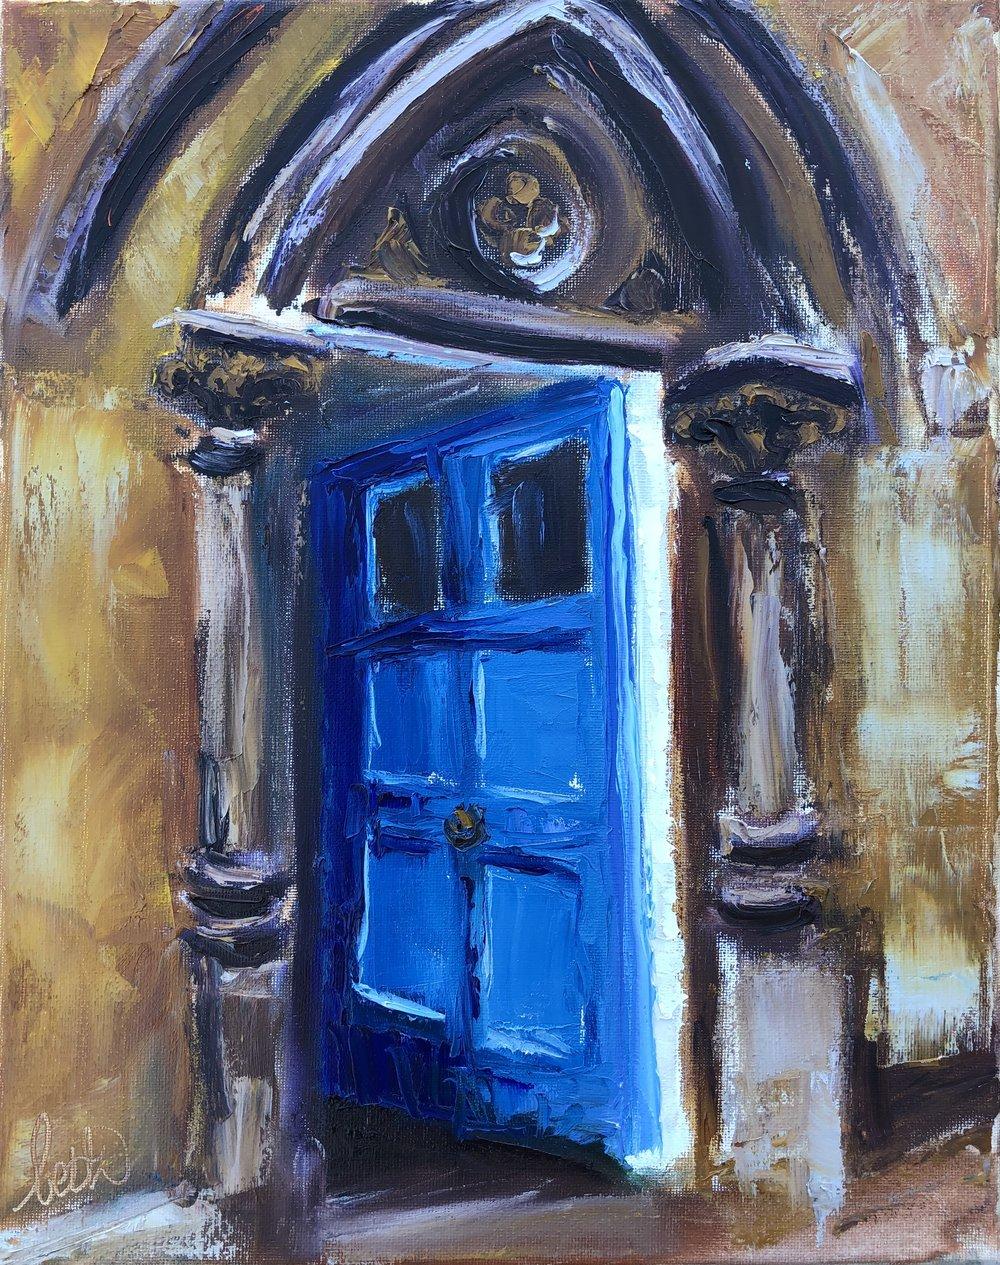 Open Blue Door at Oxford